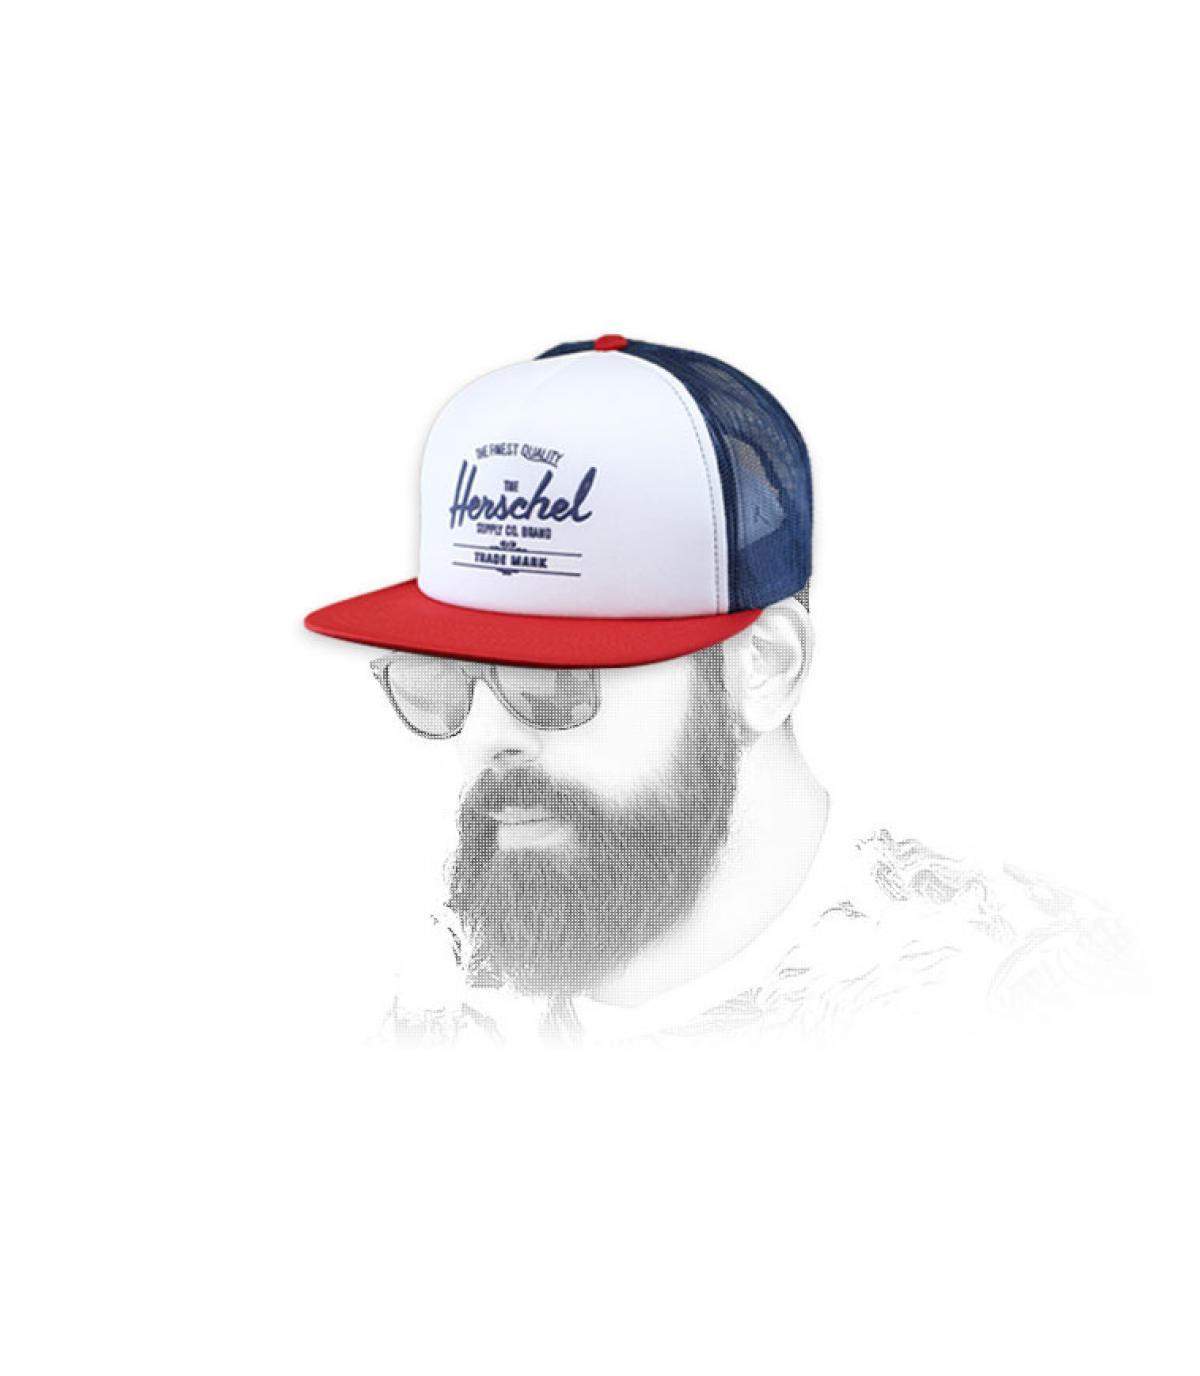 trucker Herschel azul blanco rojo